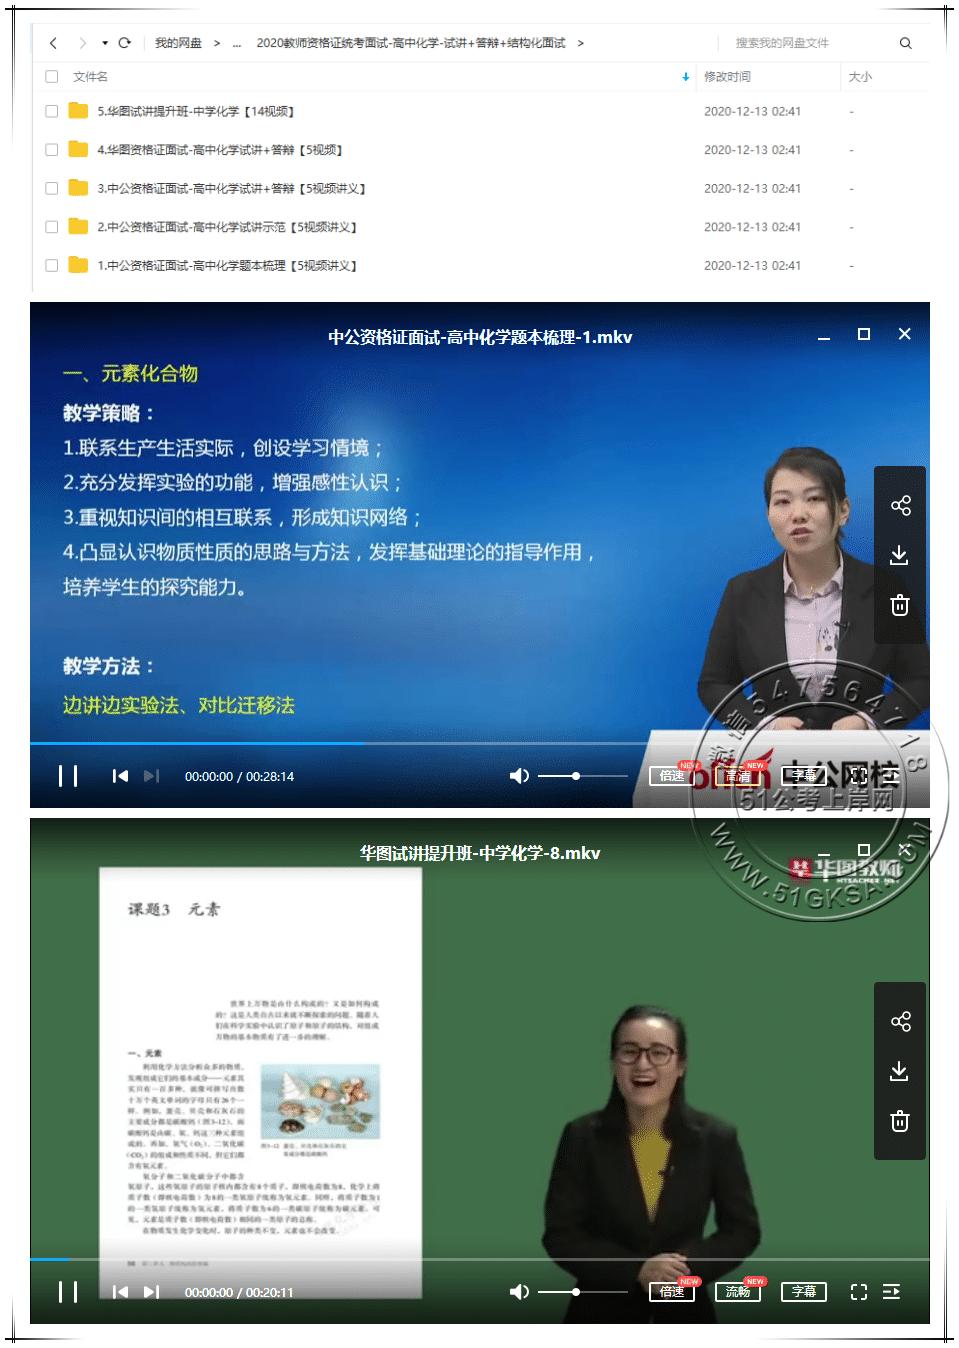 2020高中化学教师资格证统考面试(试讲+答辩+结构化面试)-51公考上岸网